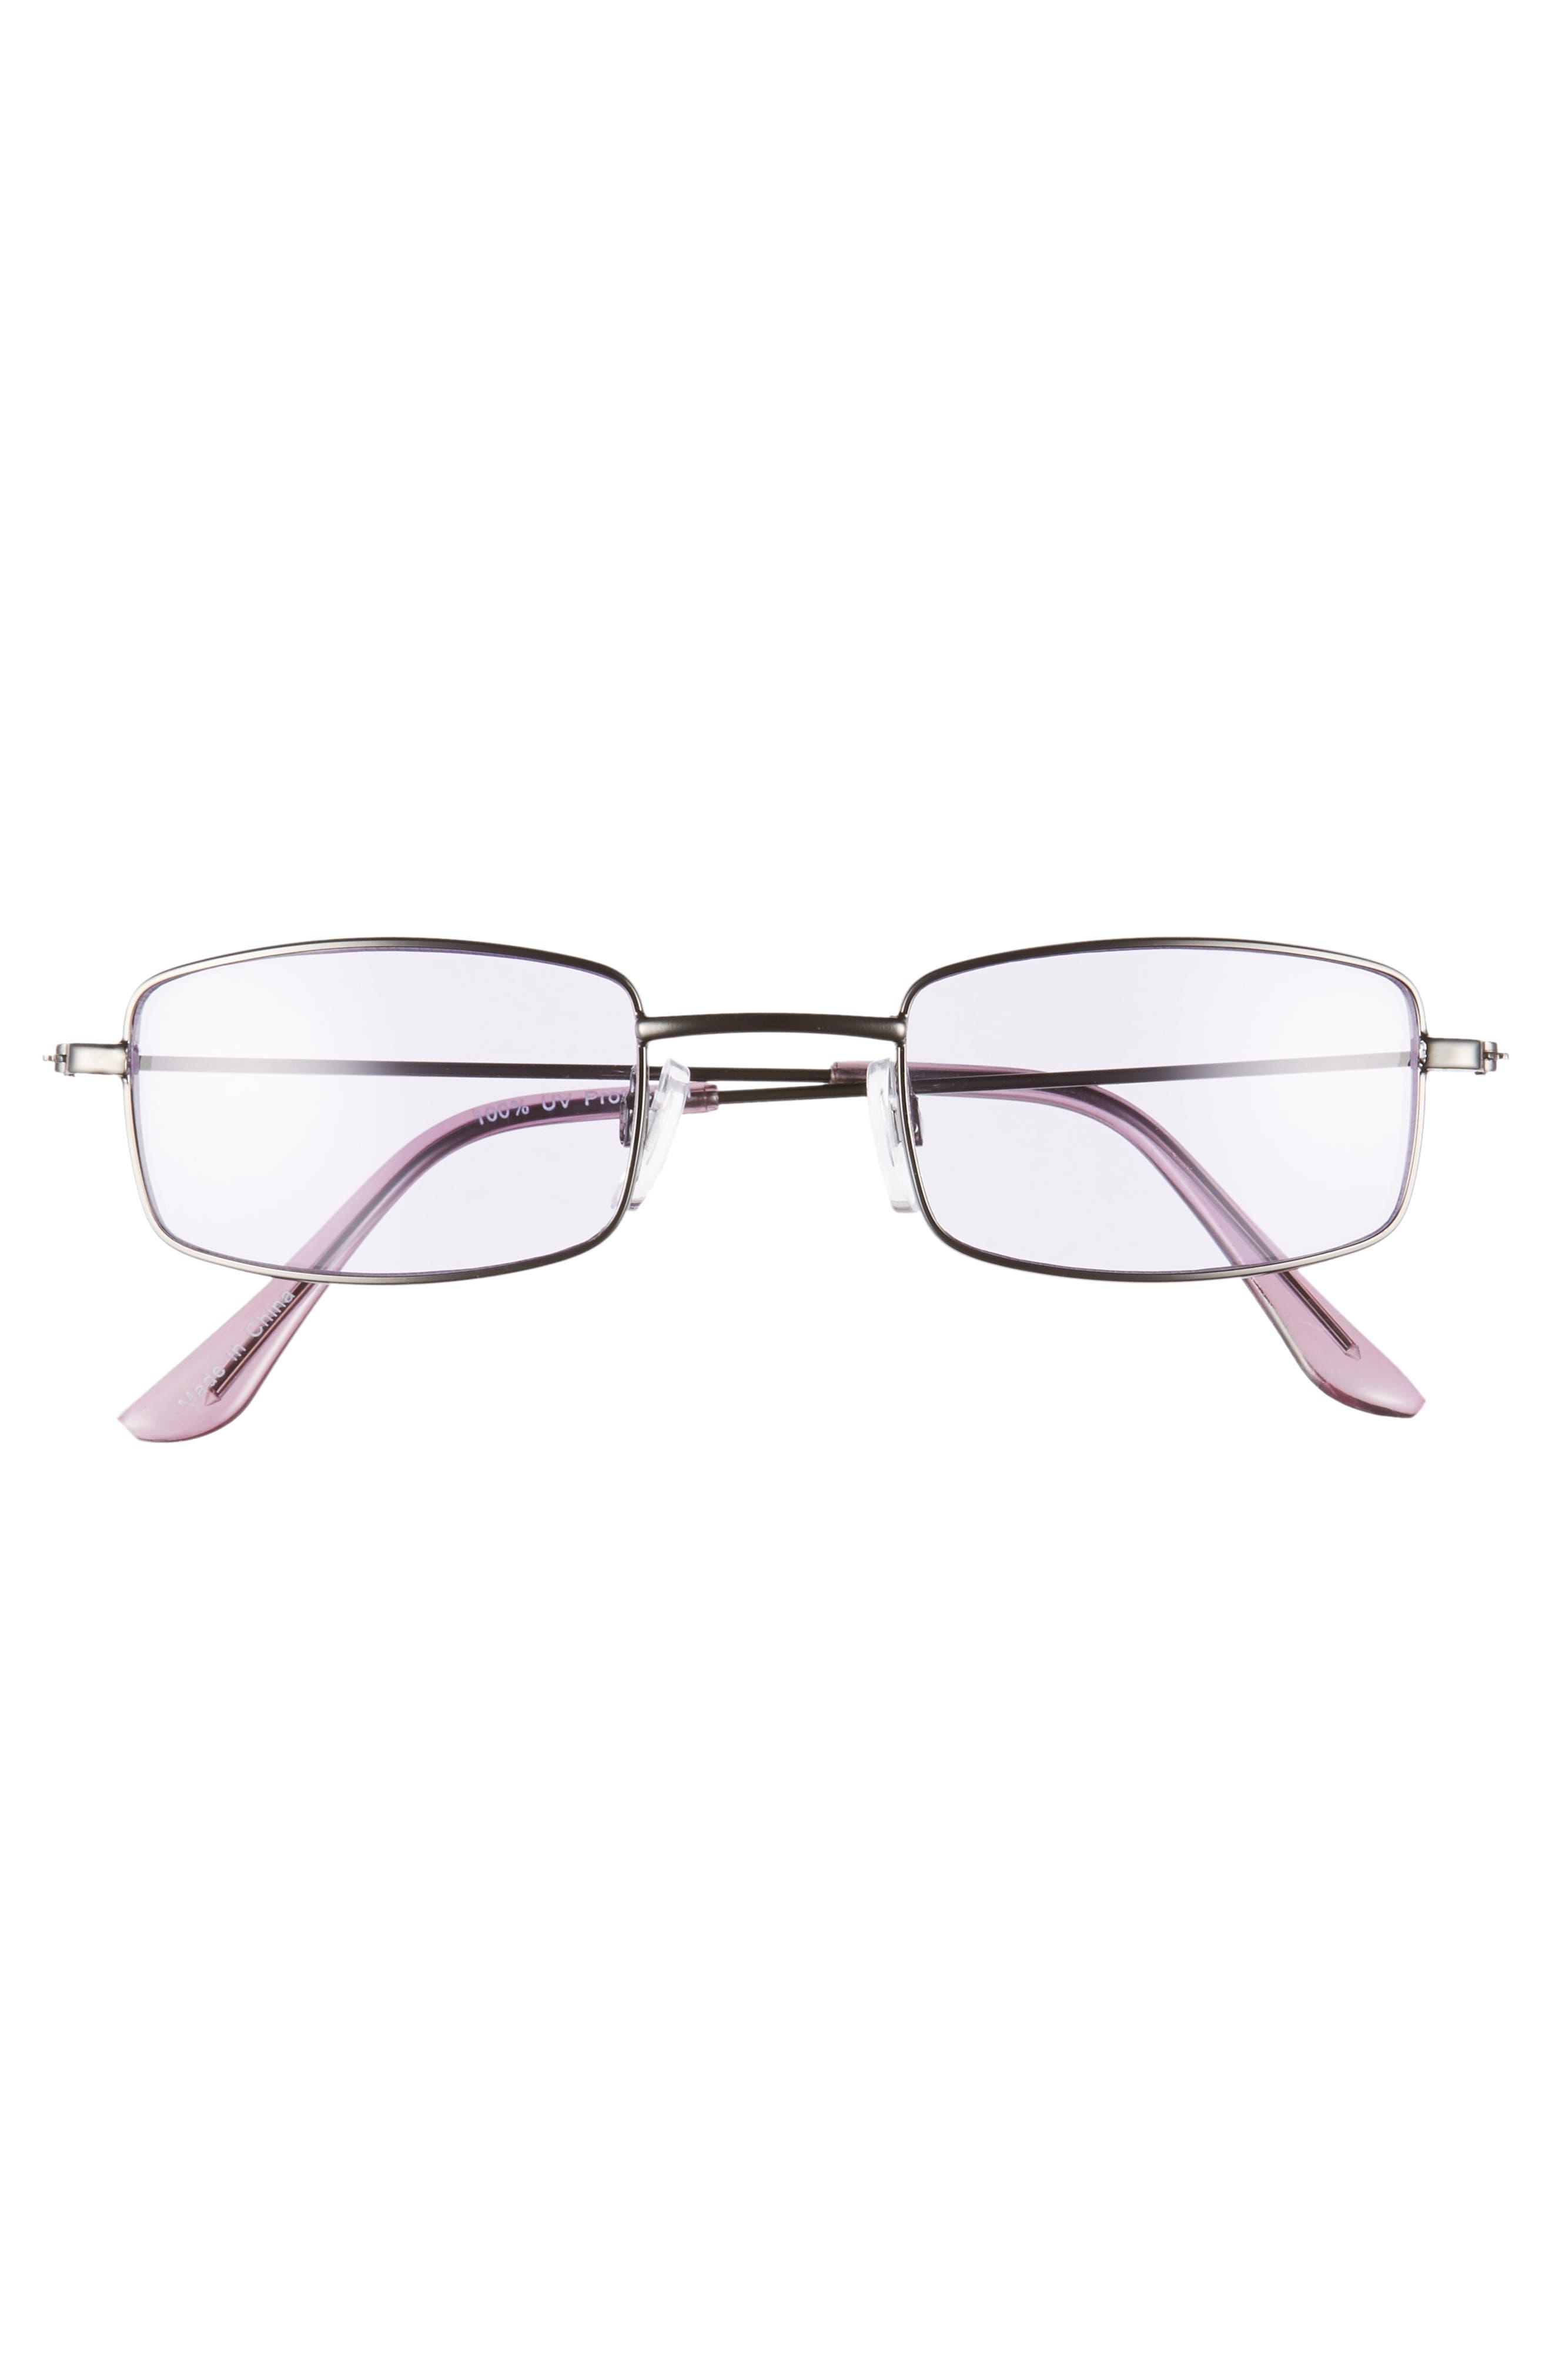 45mm Square Sunglasses,                             Alternate thumbnail 3, color,                             GUNMETAL/ PURPLE